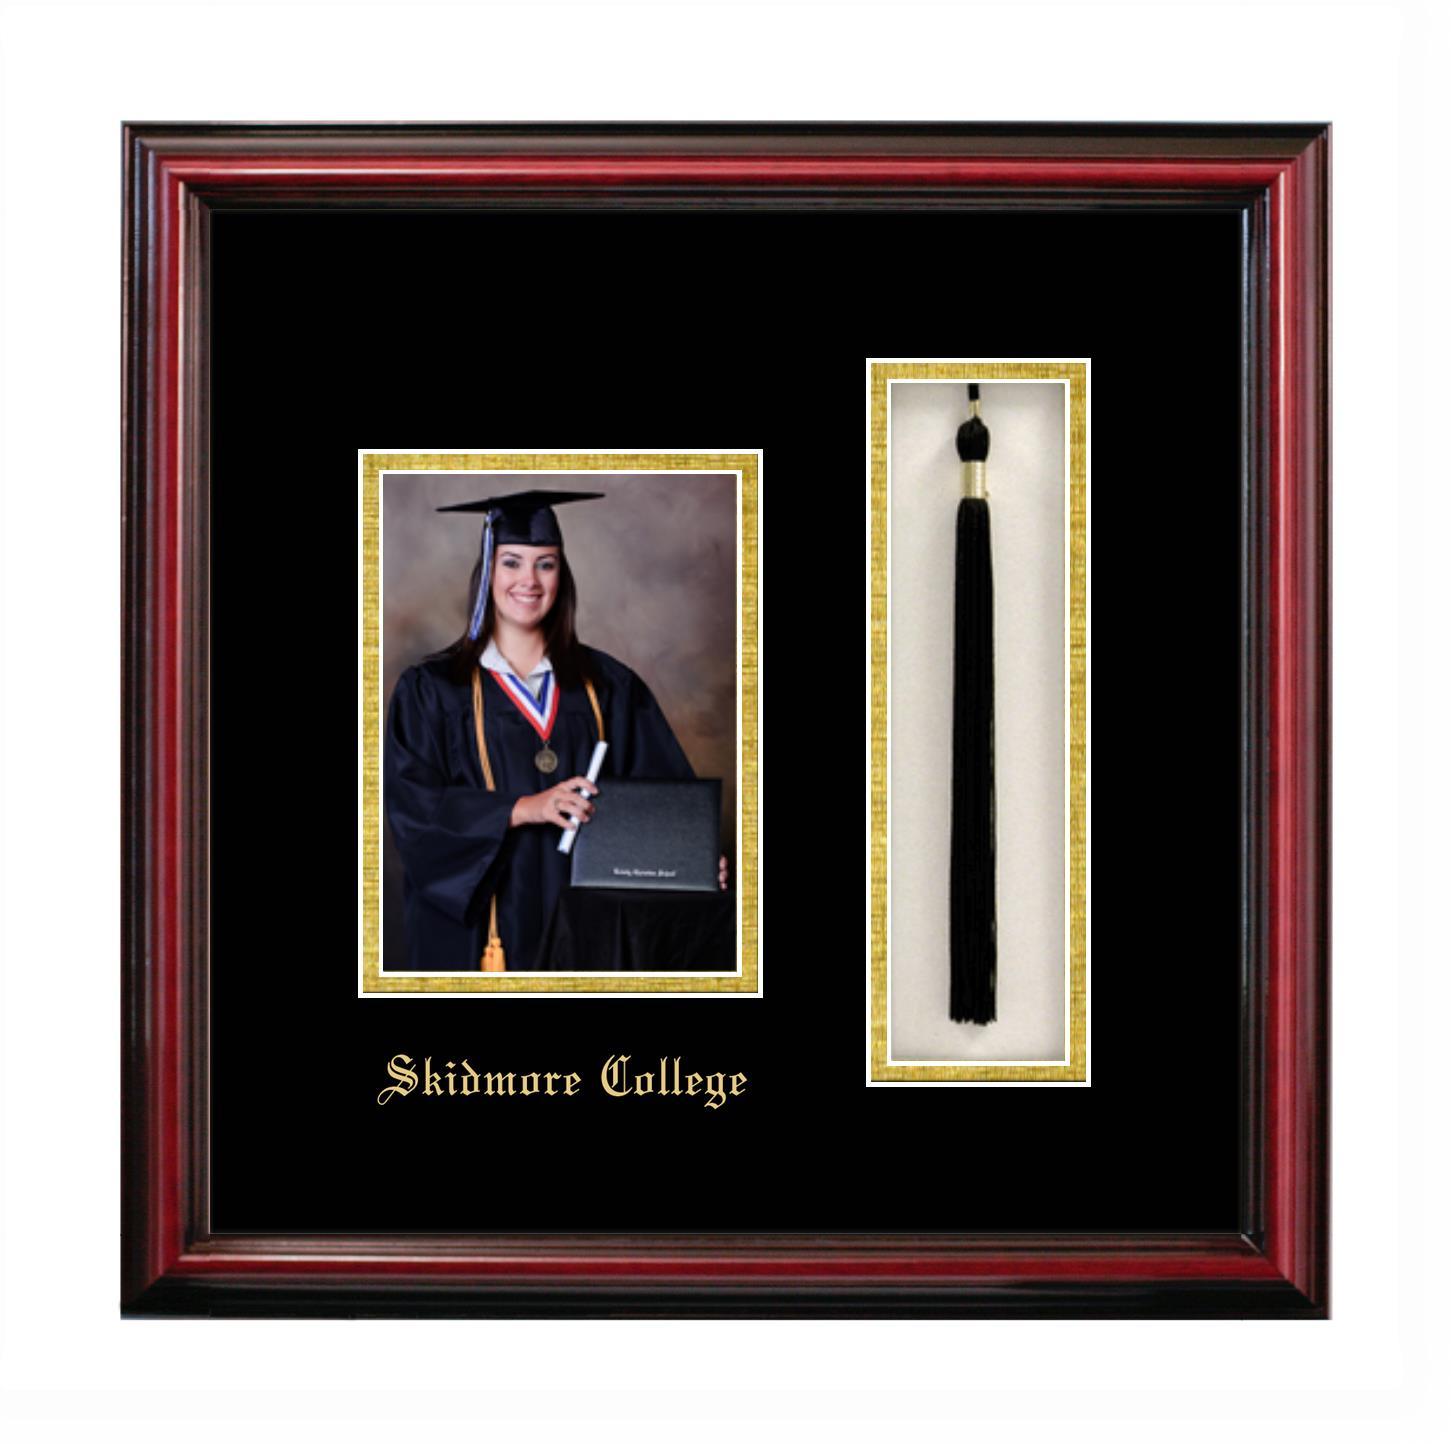 4d1730cac9b Skidmore College